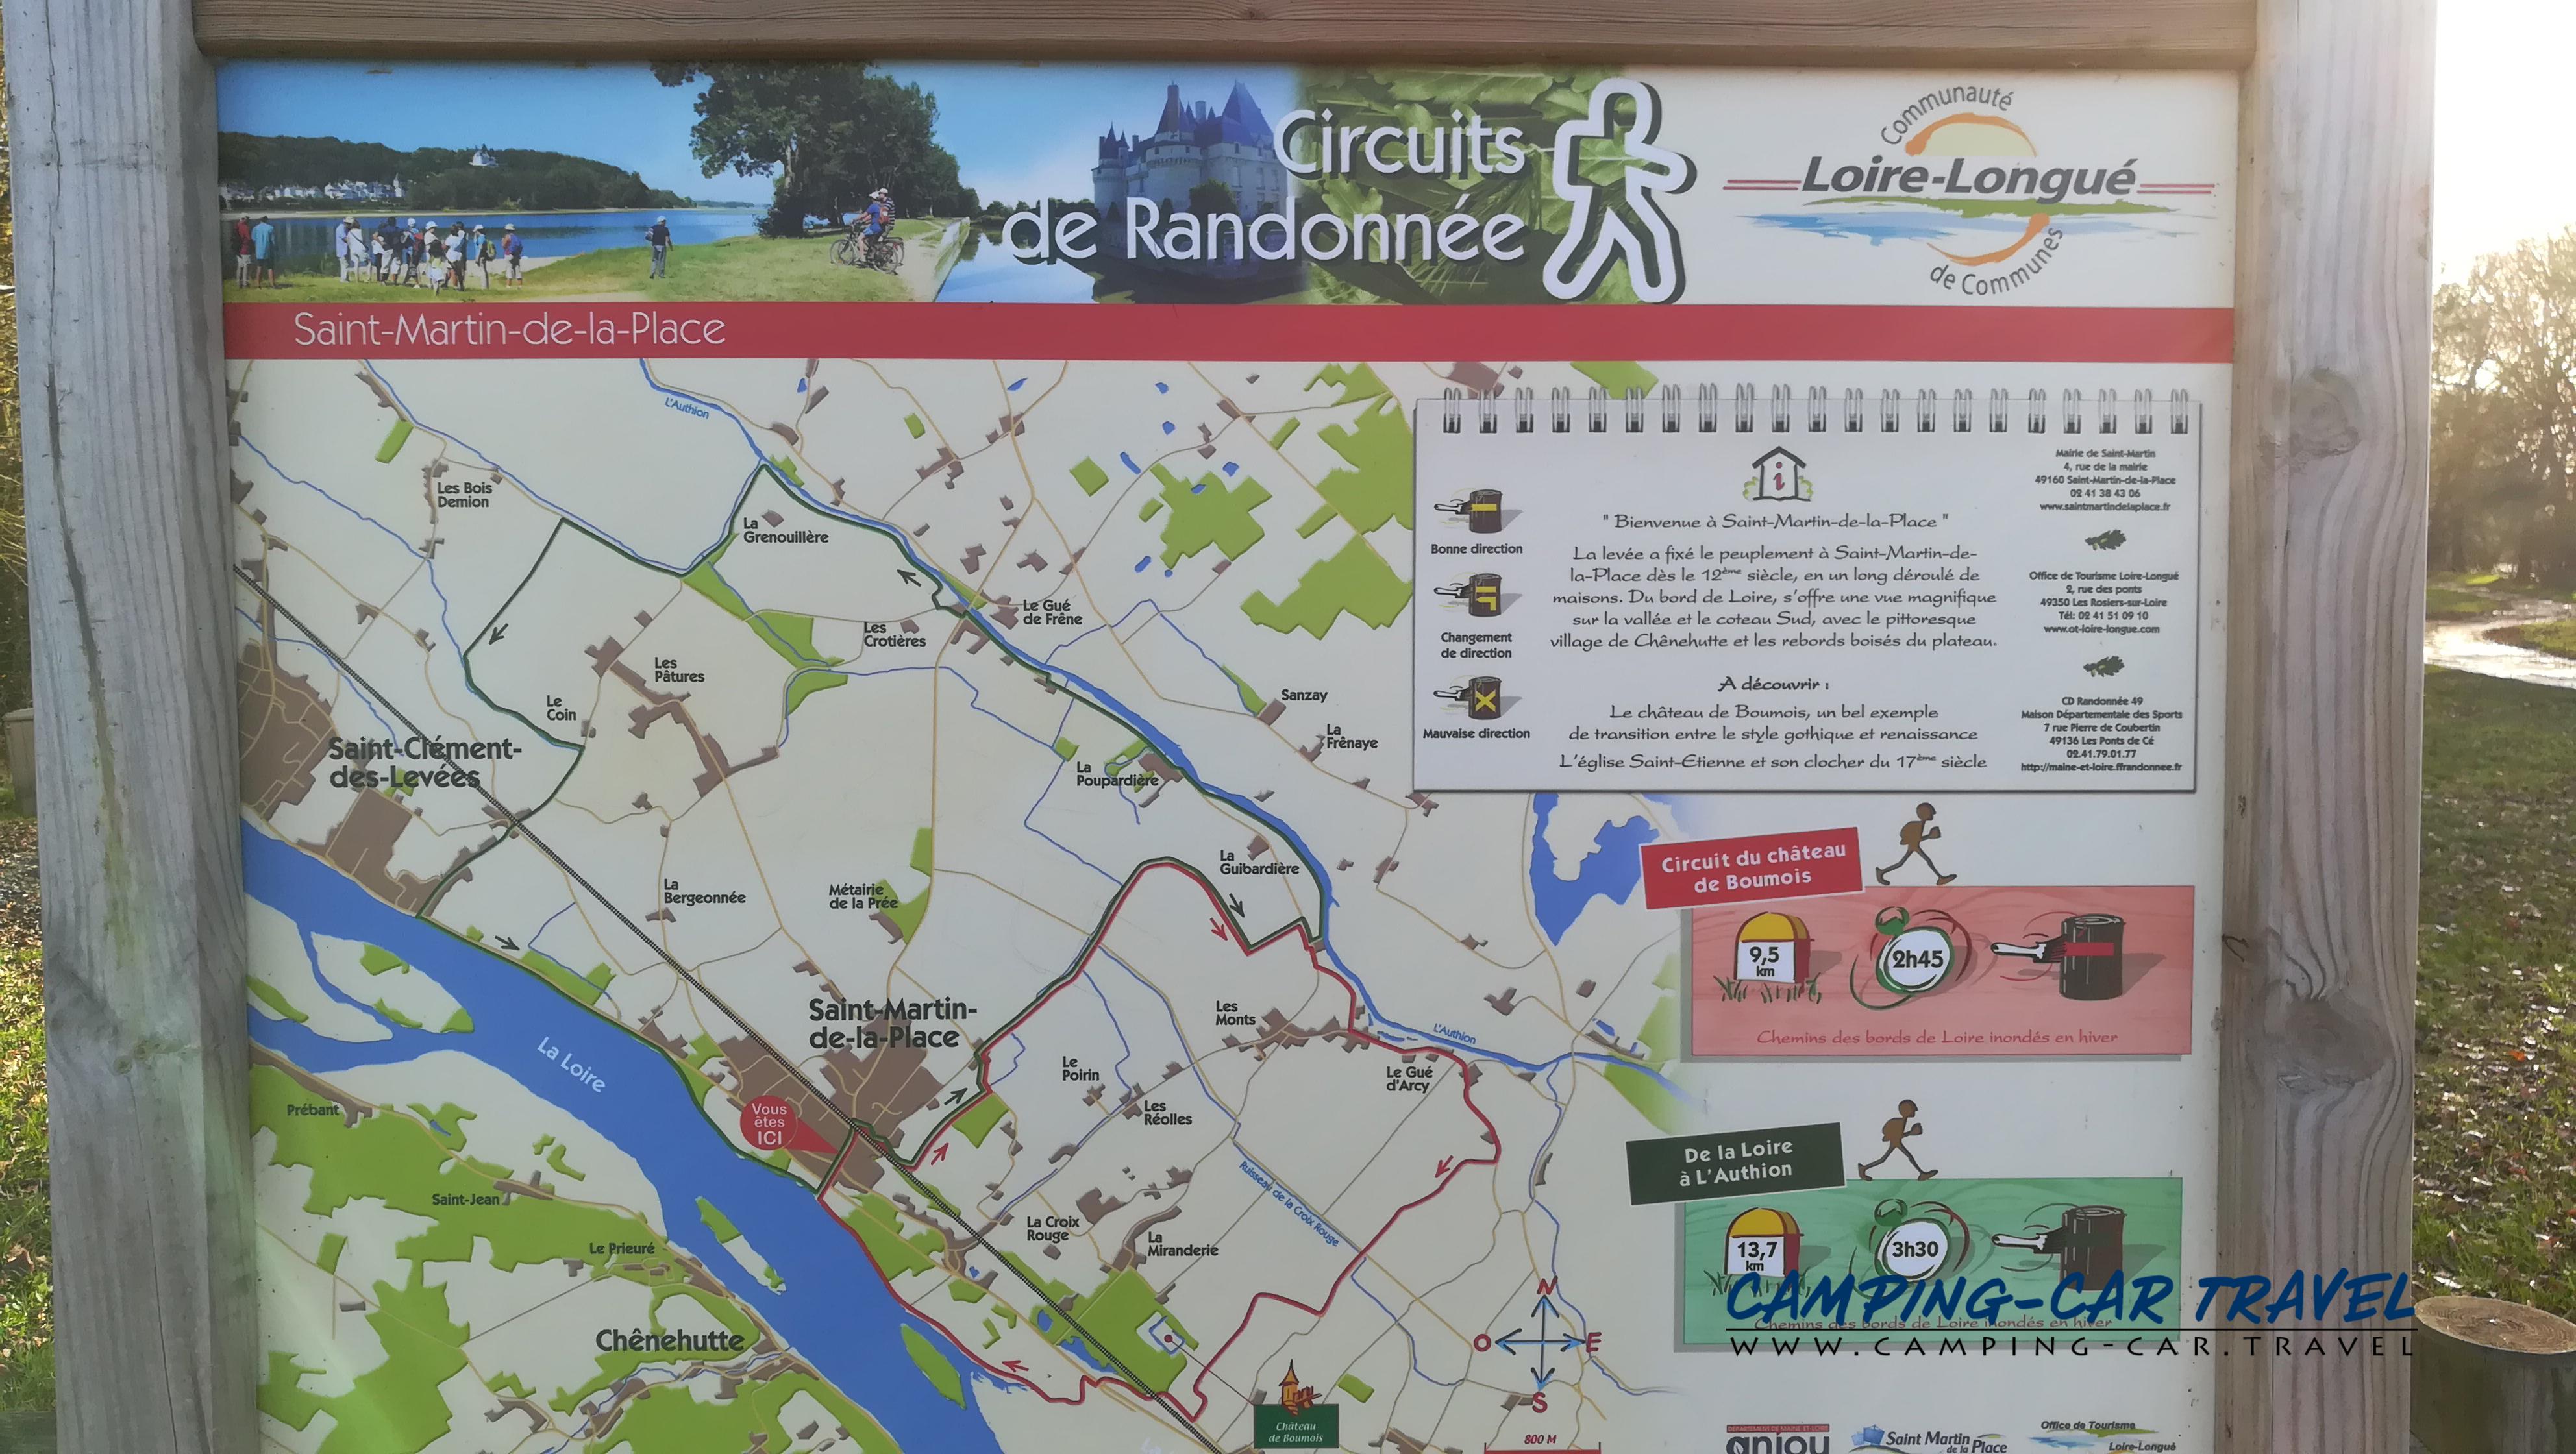 stationnement gratuit camping car Saint-Martin-de-la-Place Maine-et-Loire Pays-de-la-Loire